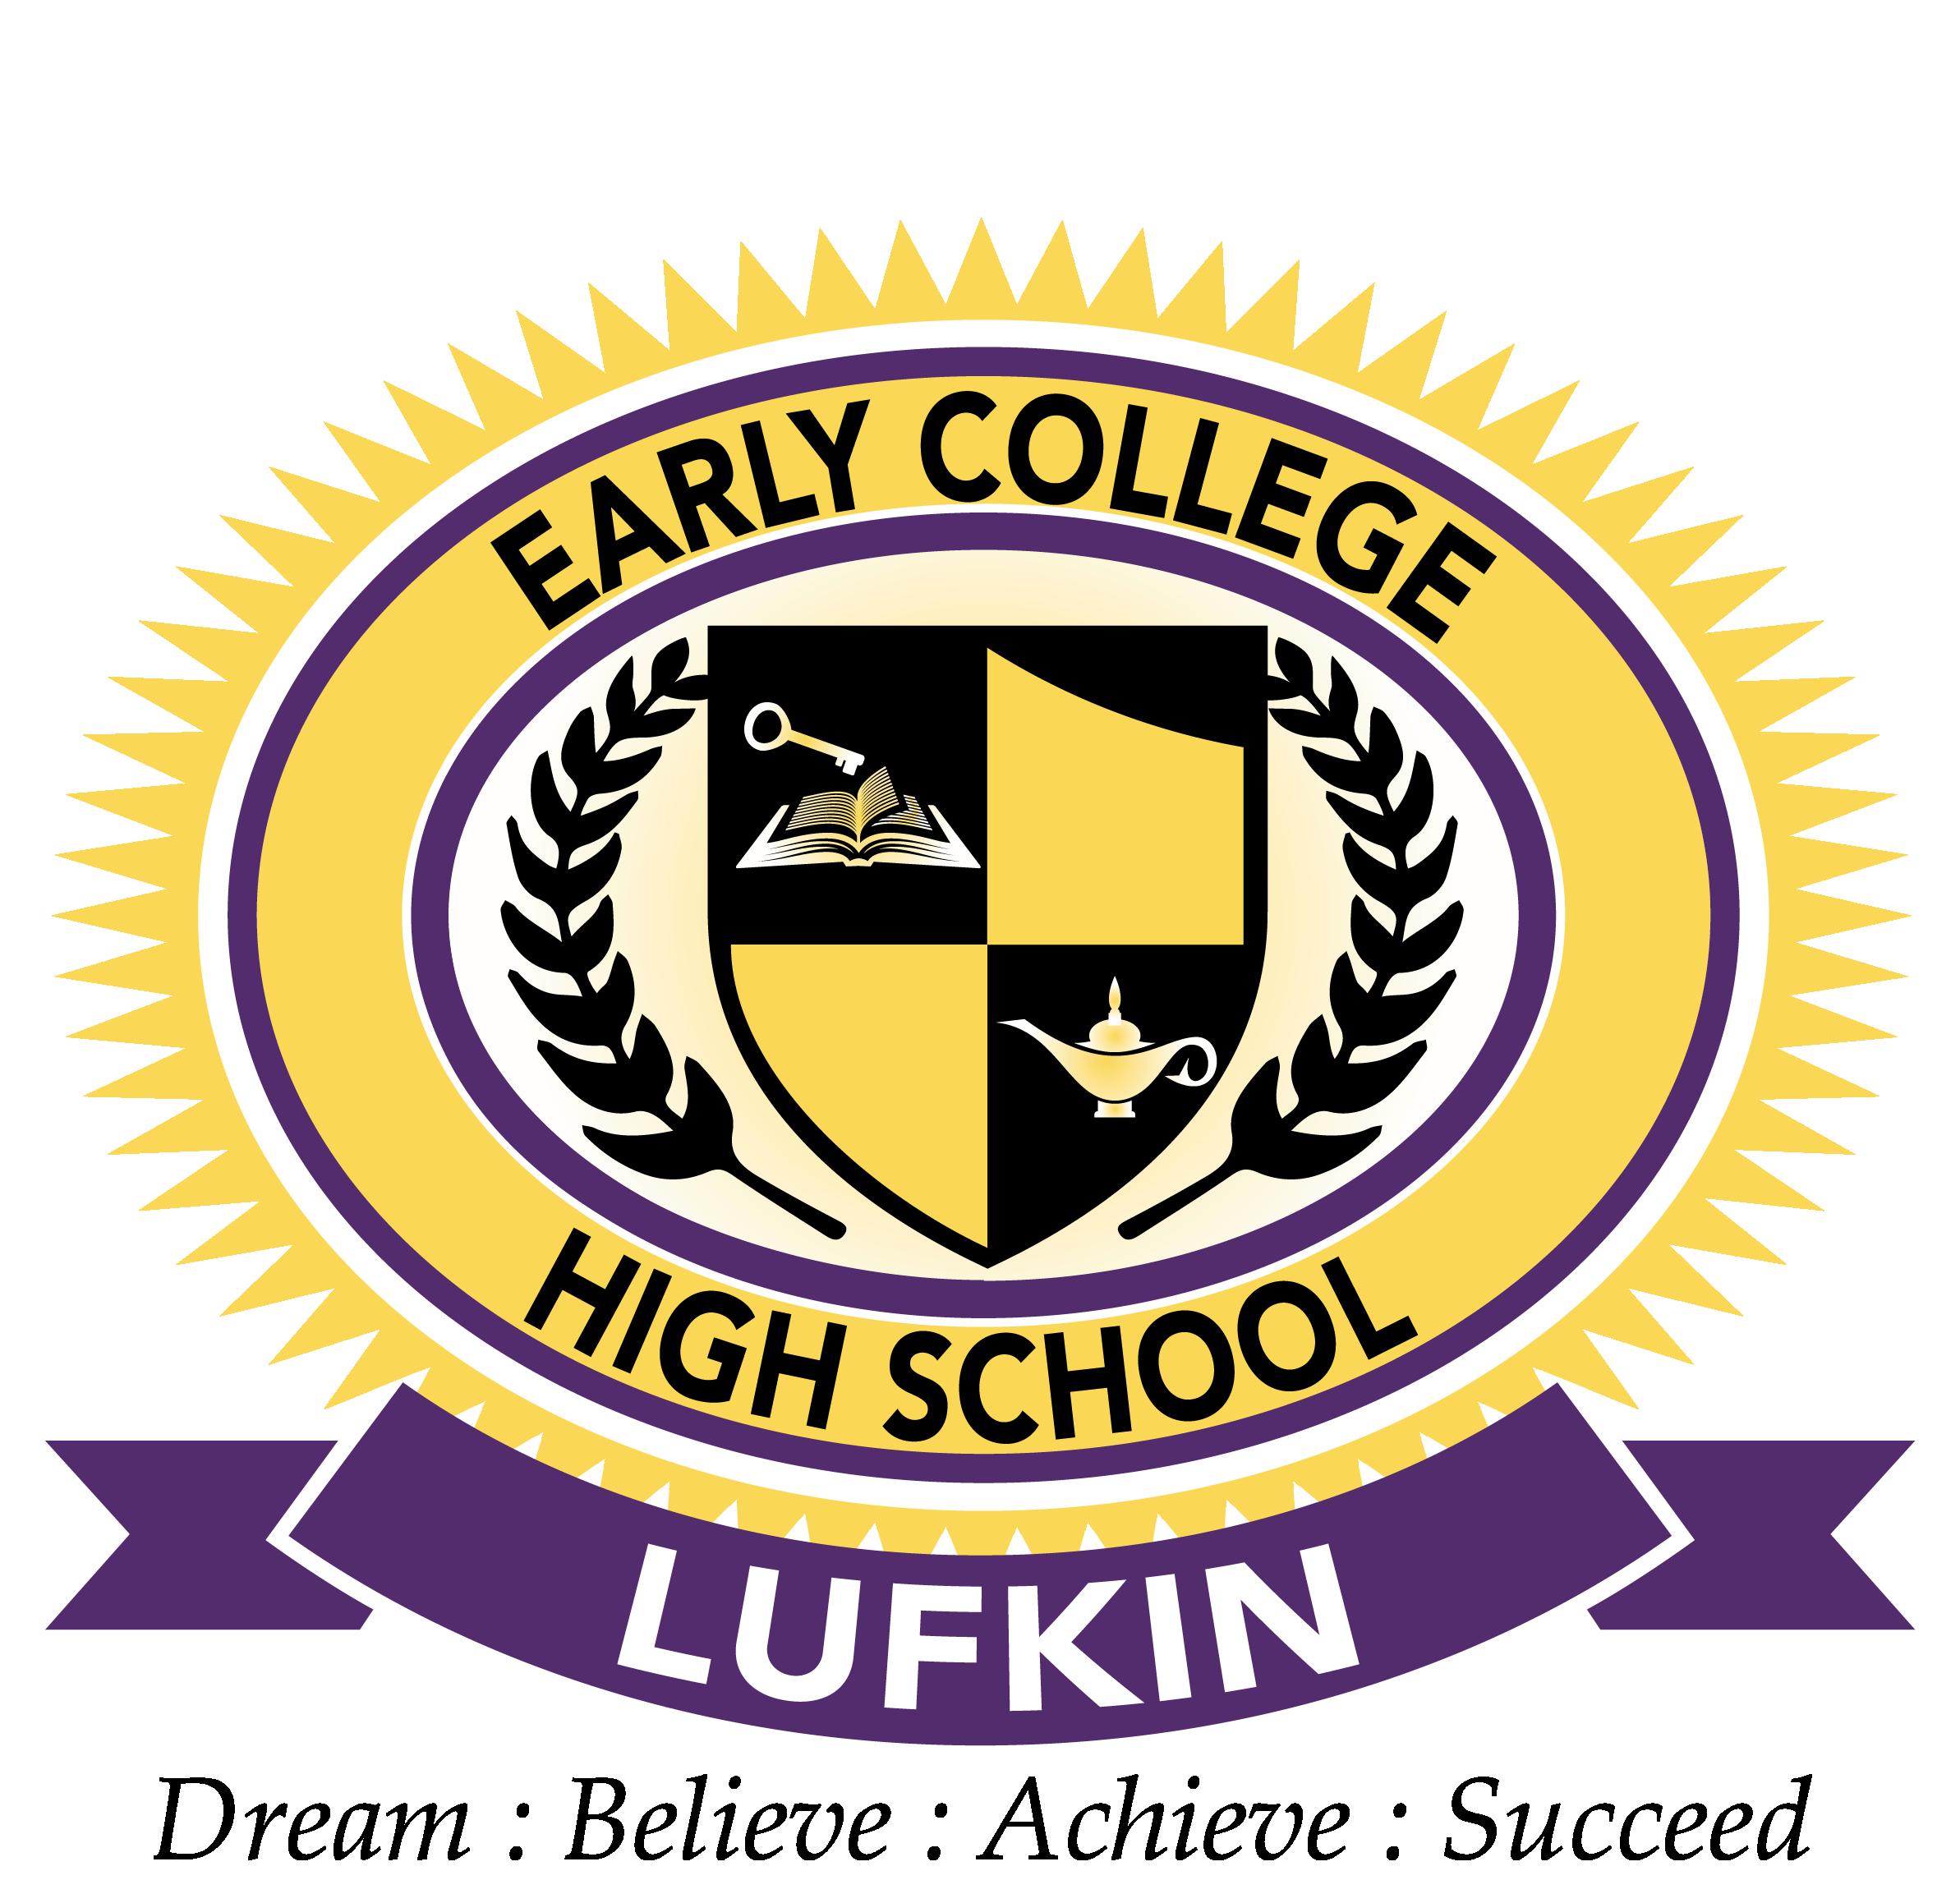 Lufkin ECHS